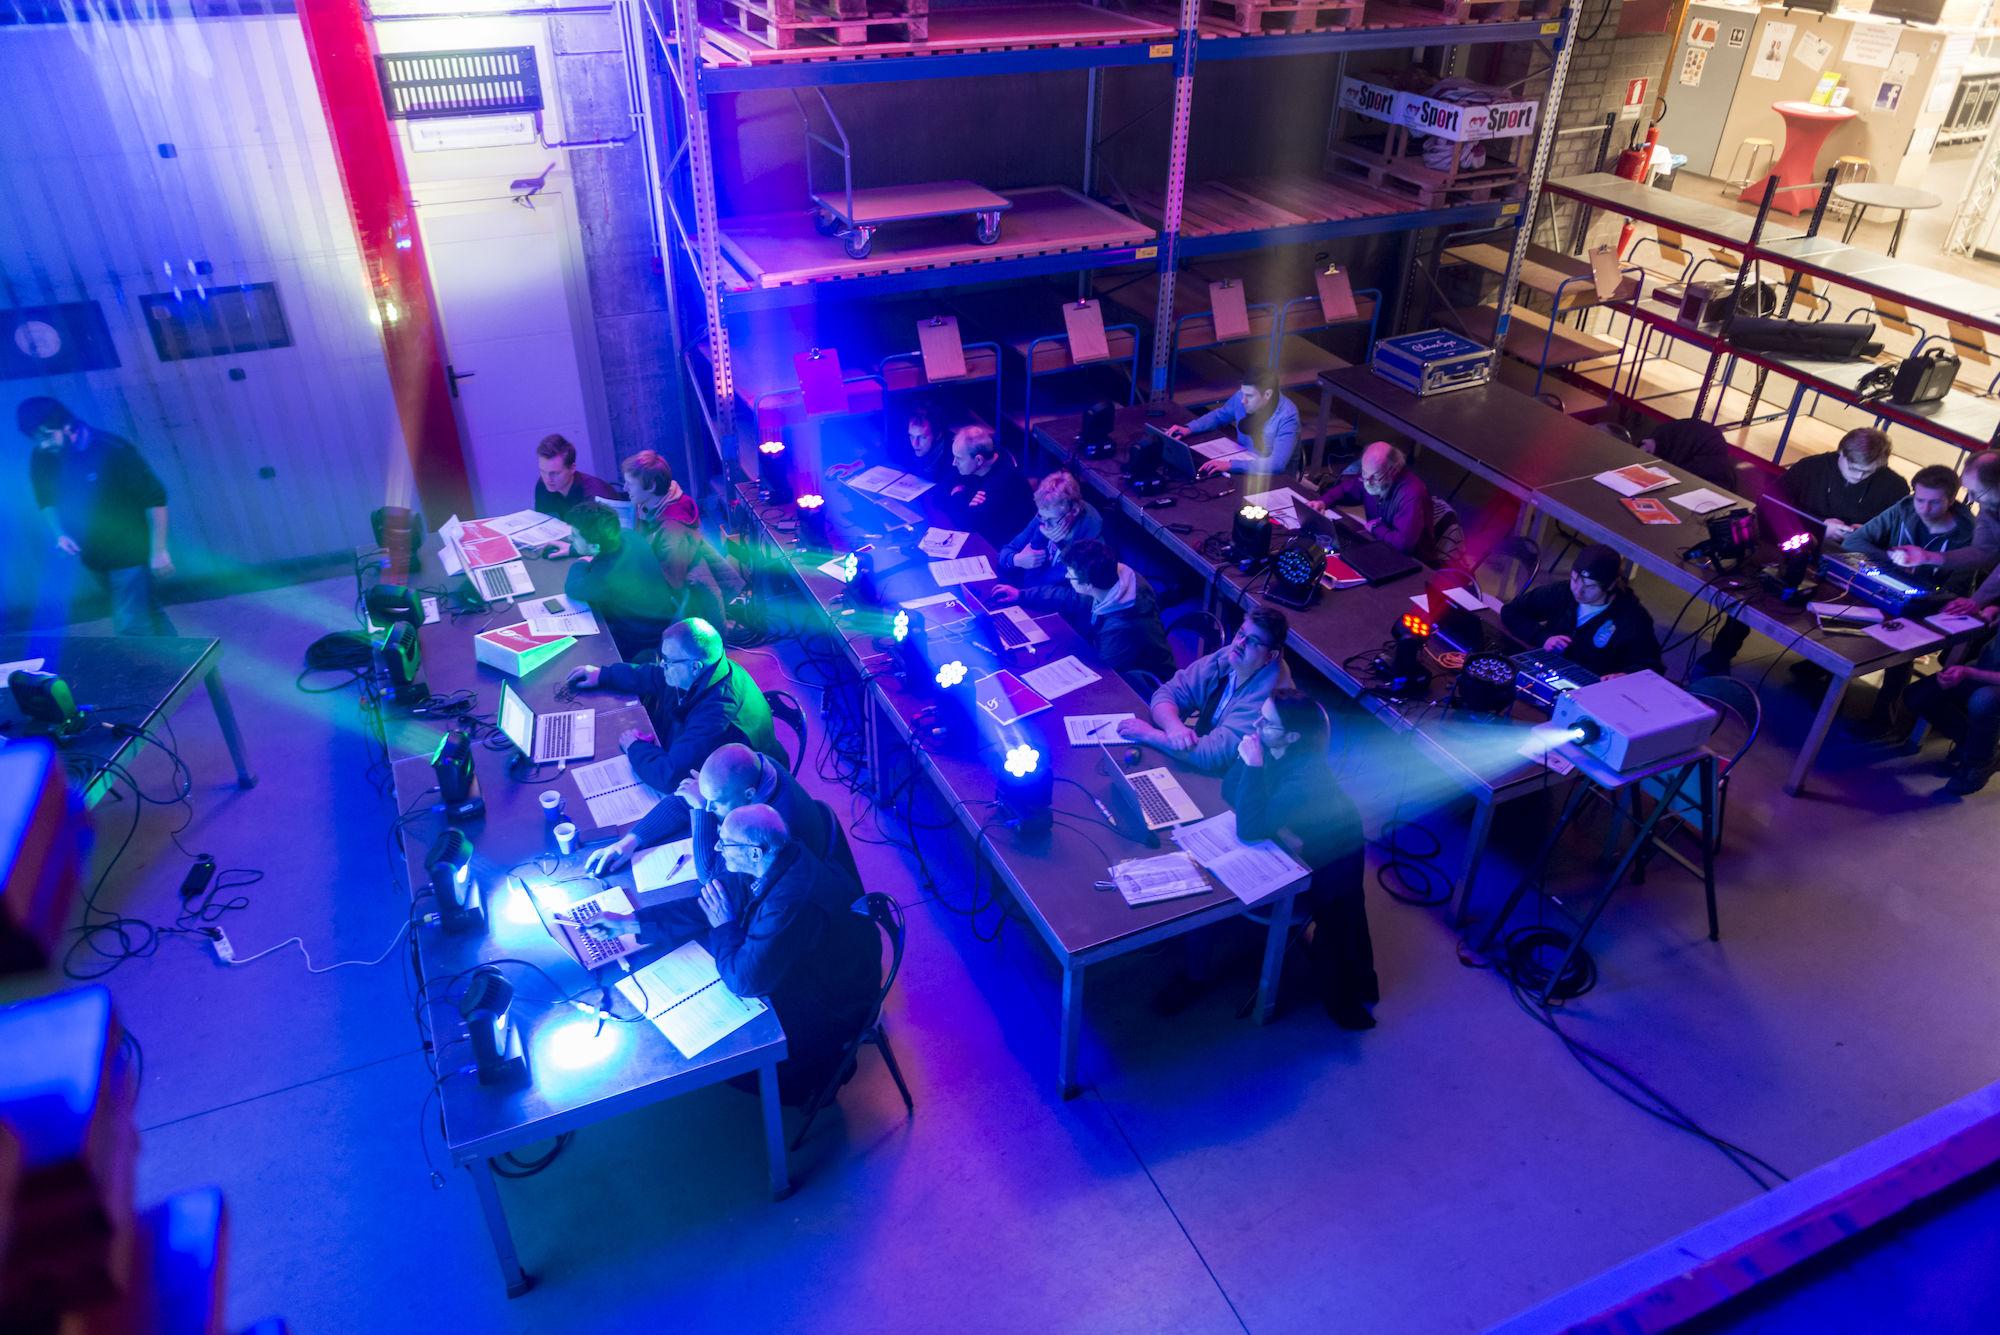 160225-uitleendienst-workshop-chamsys-41.jpg